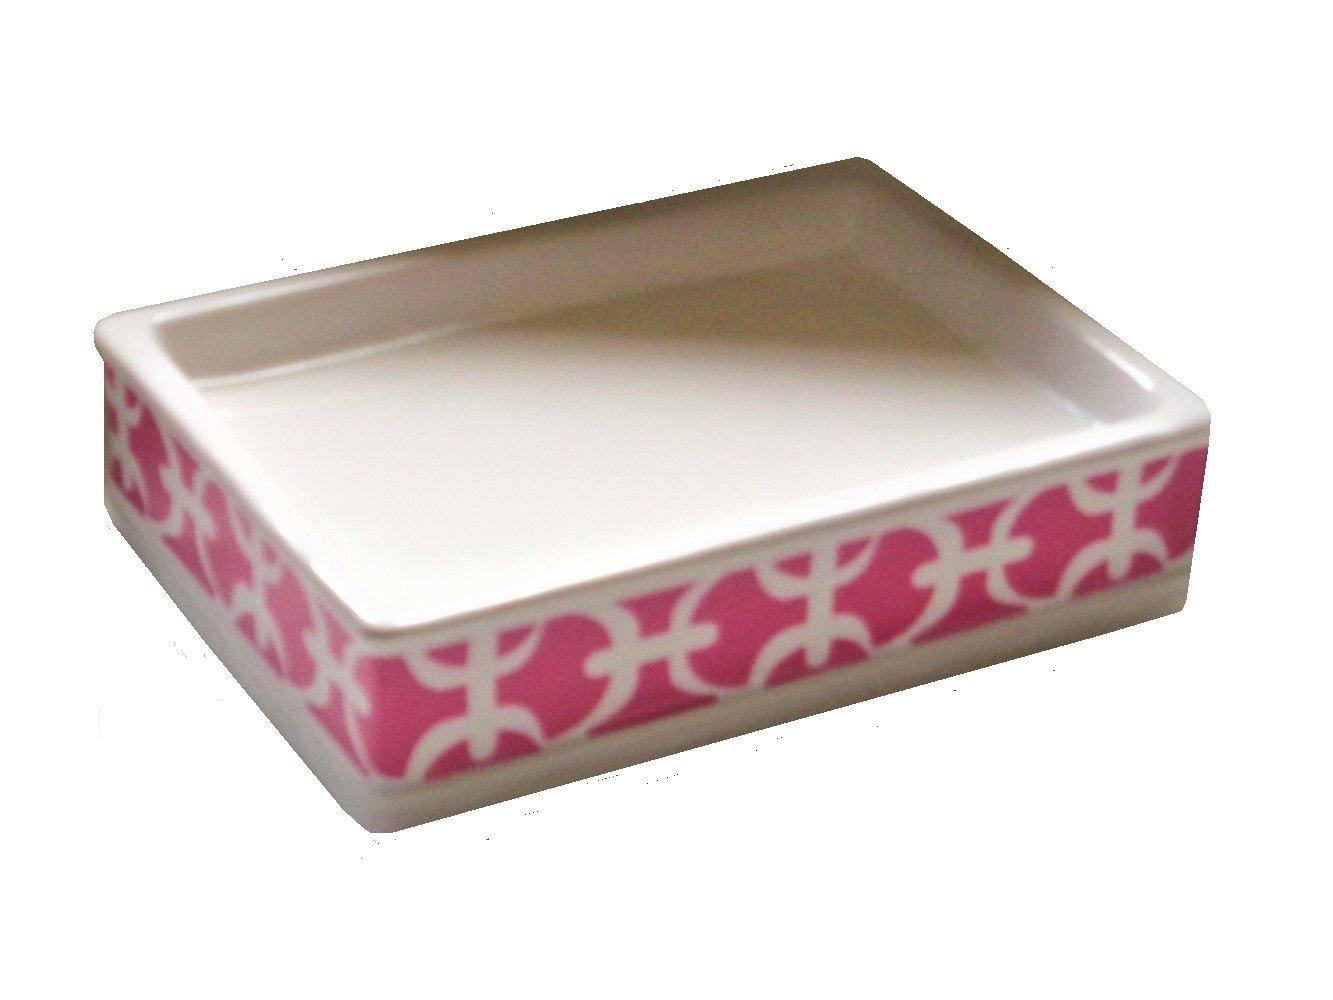 Pink Trellis Soap Dish Ceramic